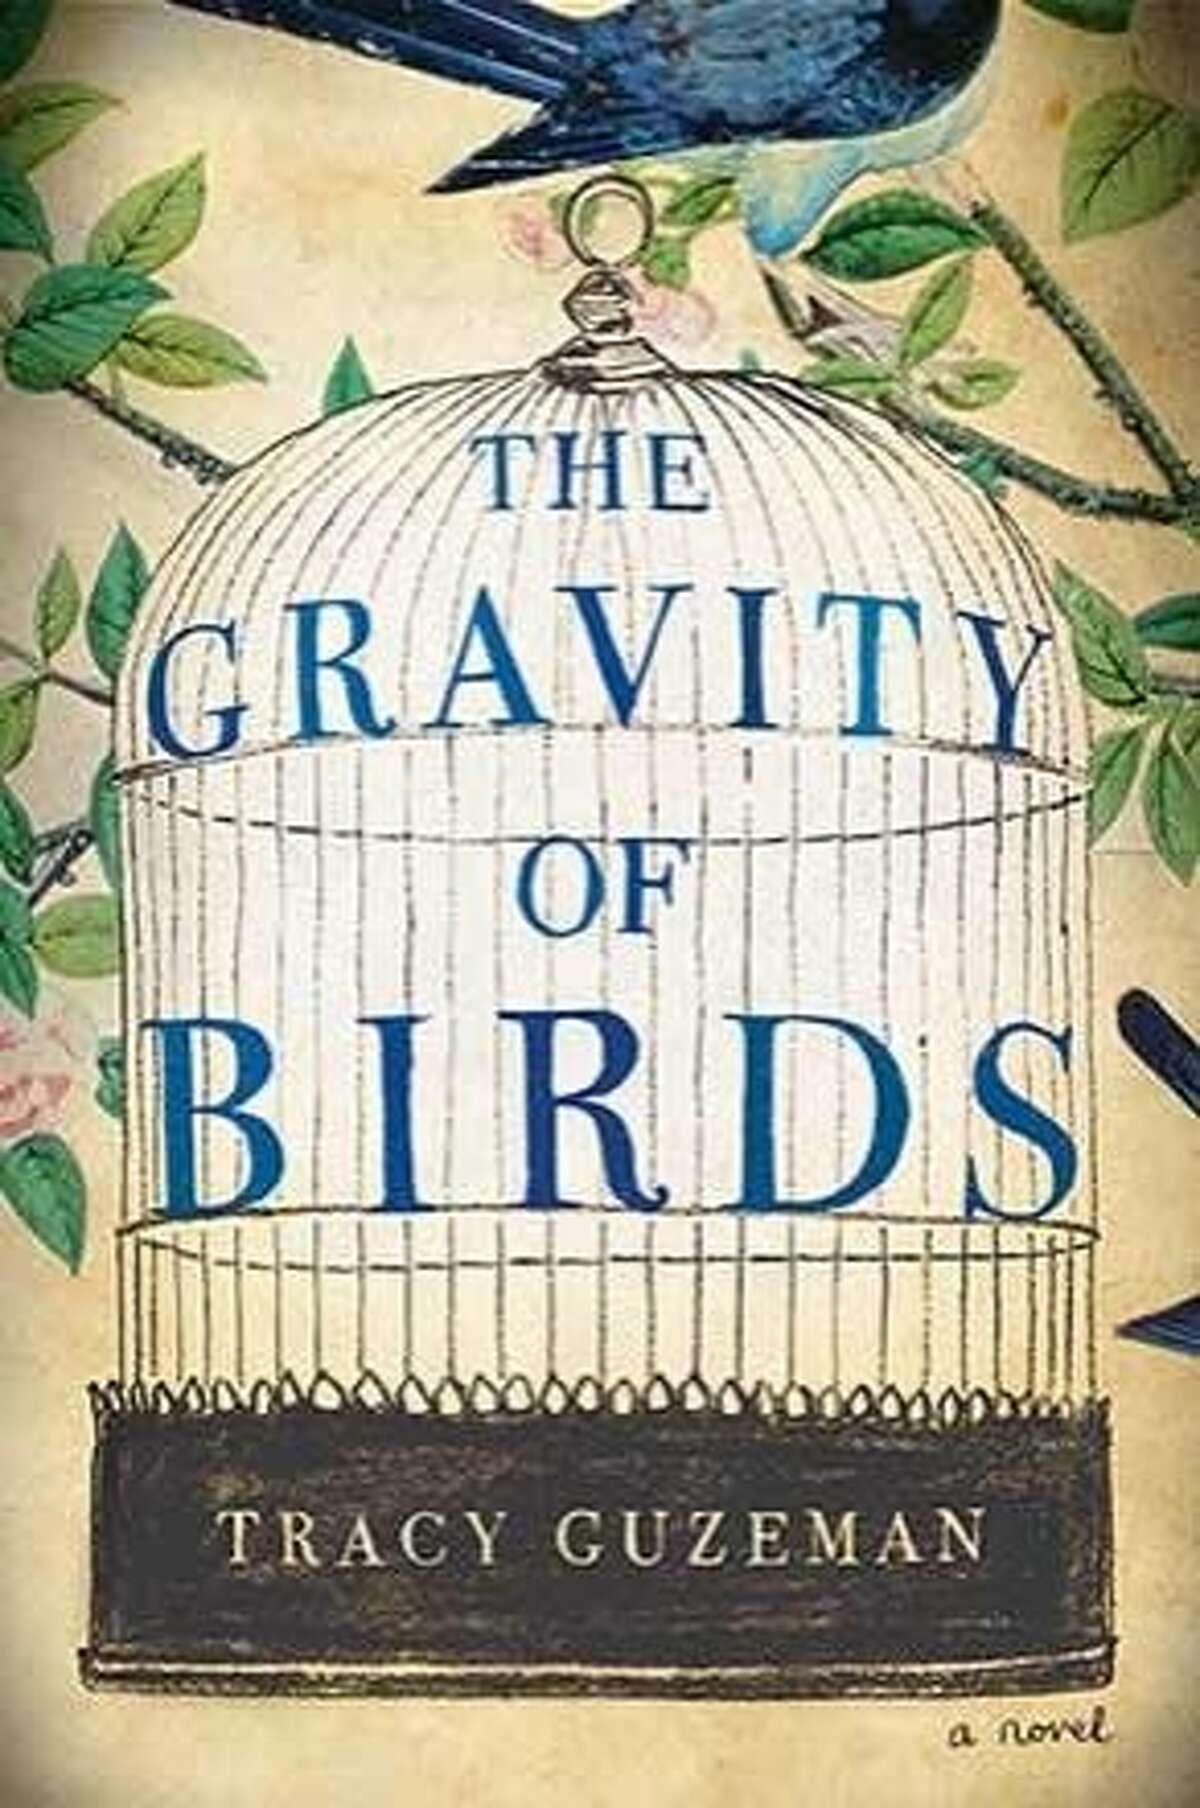 The Gravity of Birds, by Tracy Guzeman